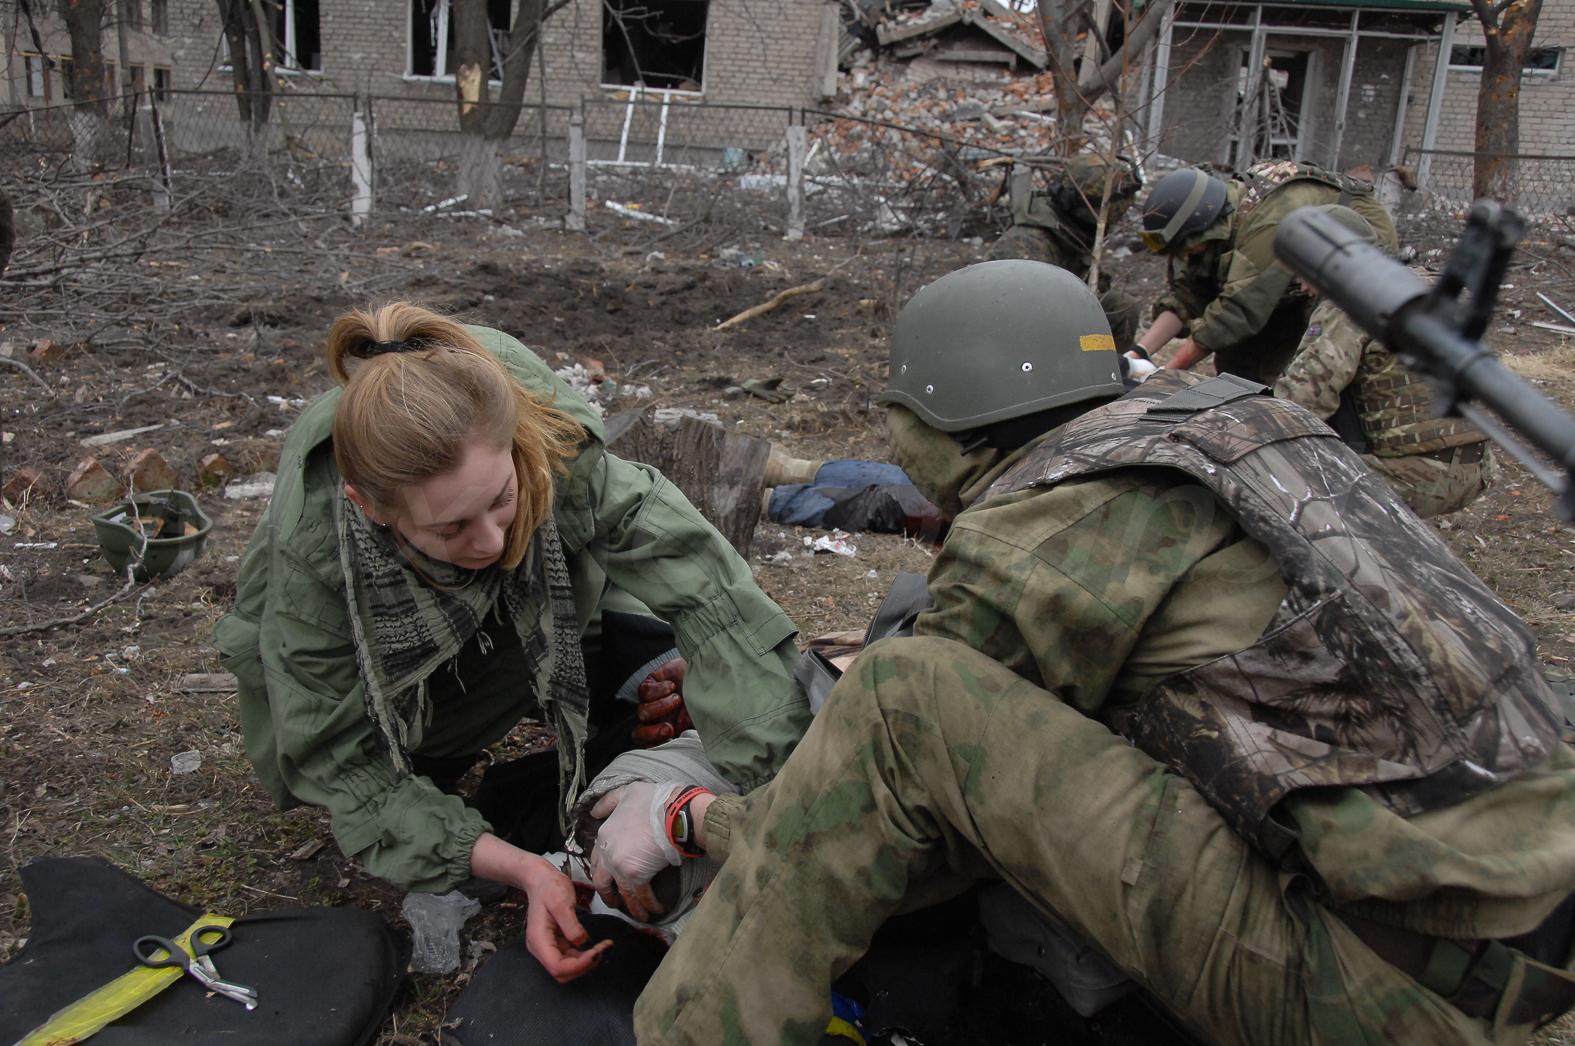 142913_original Что осталось от Песок Донецкого района (фоторепортаж)